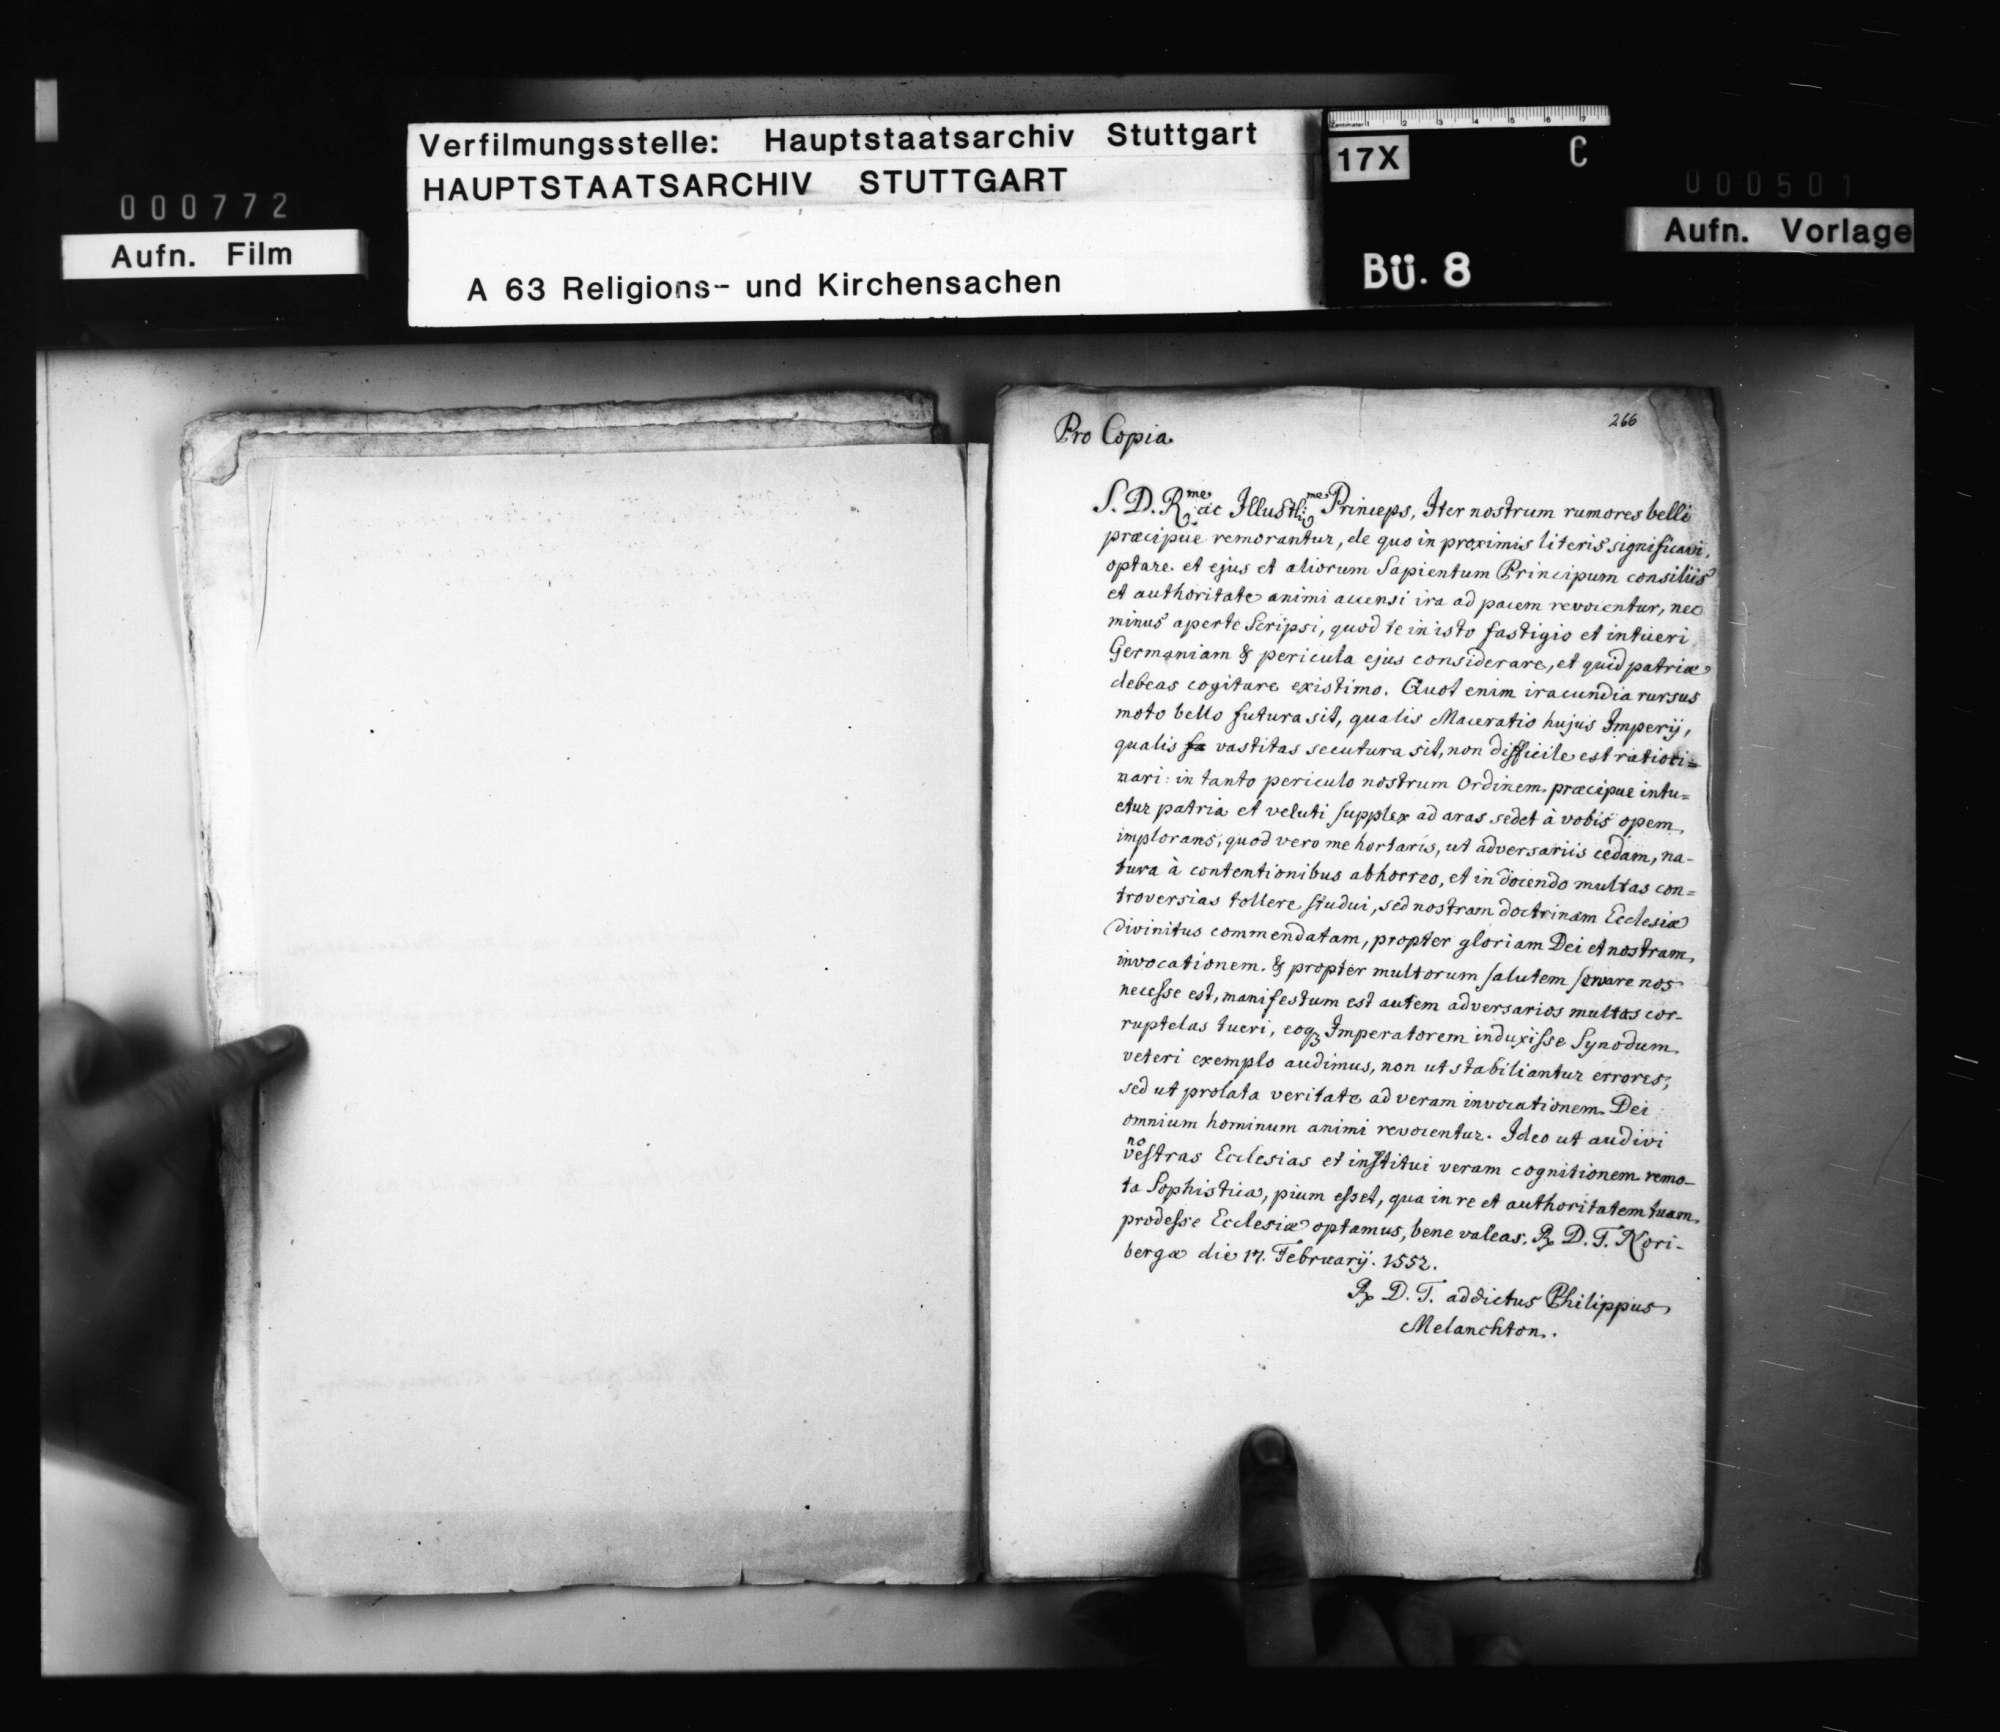 Rundschreiben von Philipp Melanchthon [an die Reichsfürsten], betreffend reformatorische und reichspolitische Fragen. Nürnberg (Abschrift)., Bild 2